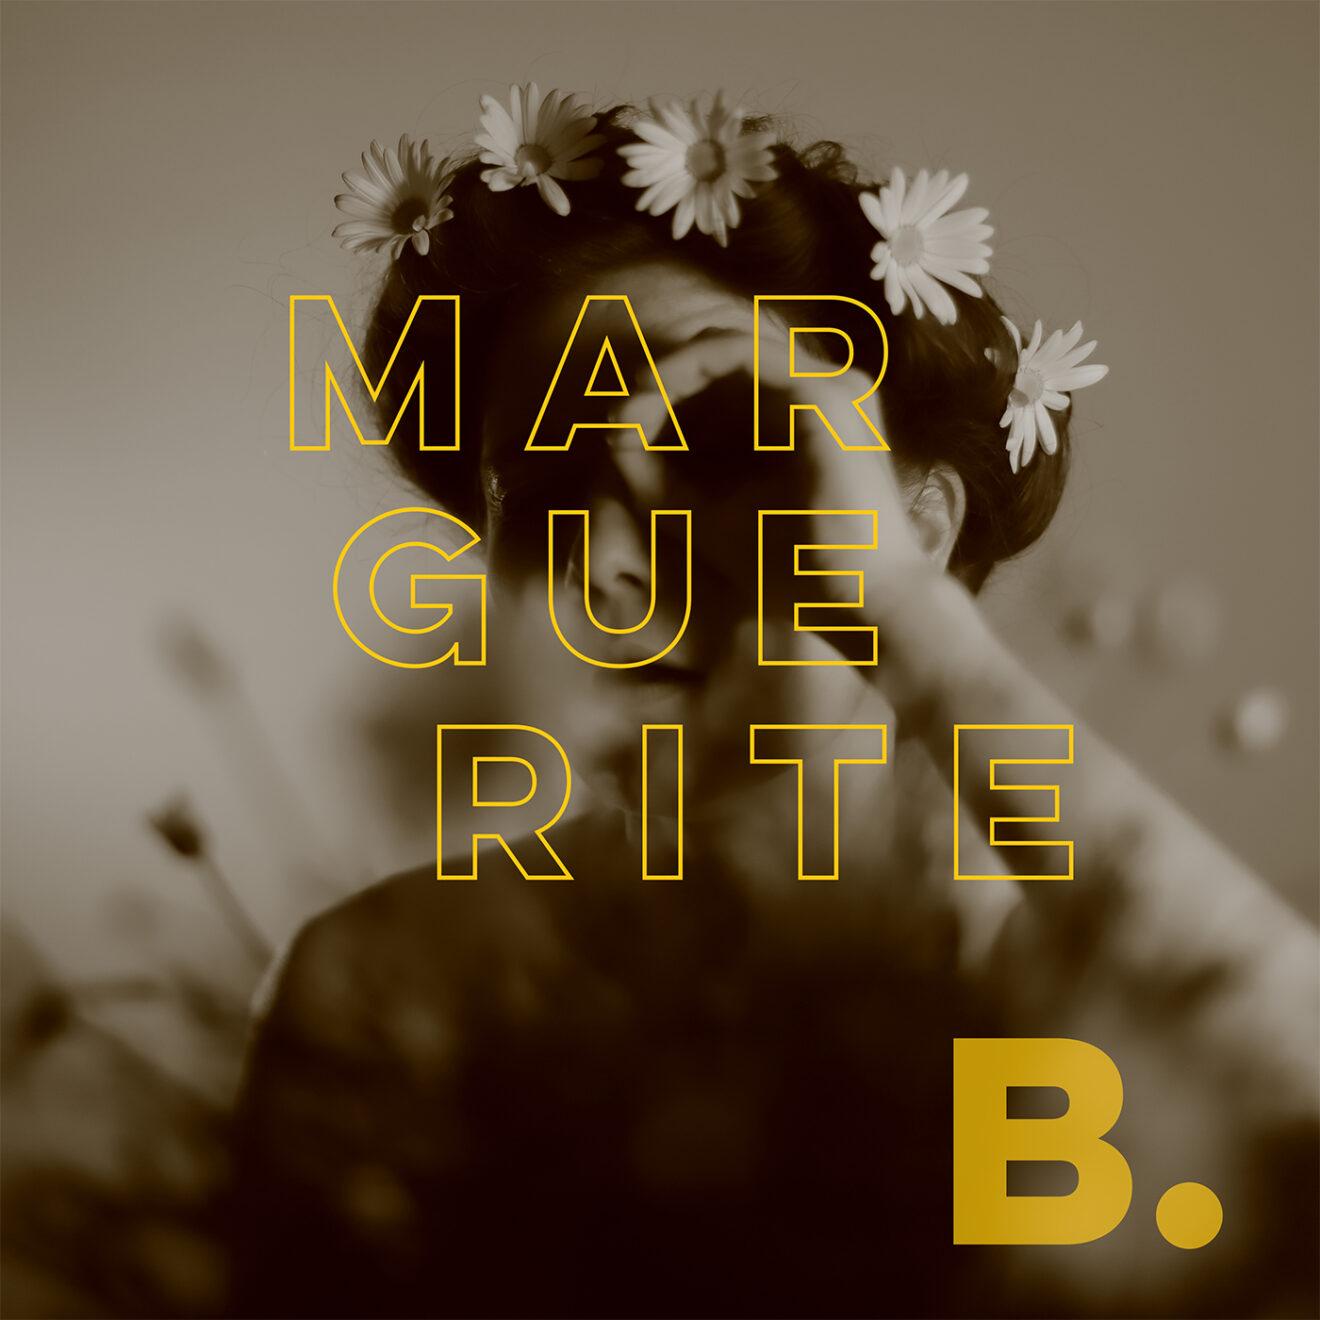 Marguerite B (small) - crédit image ©19 boulevard Bouillon